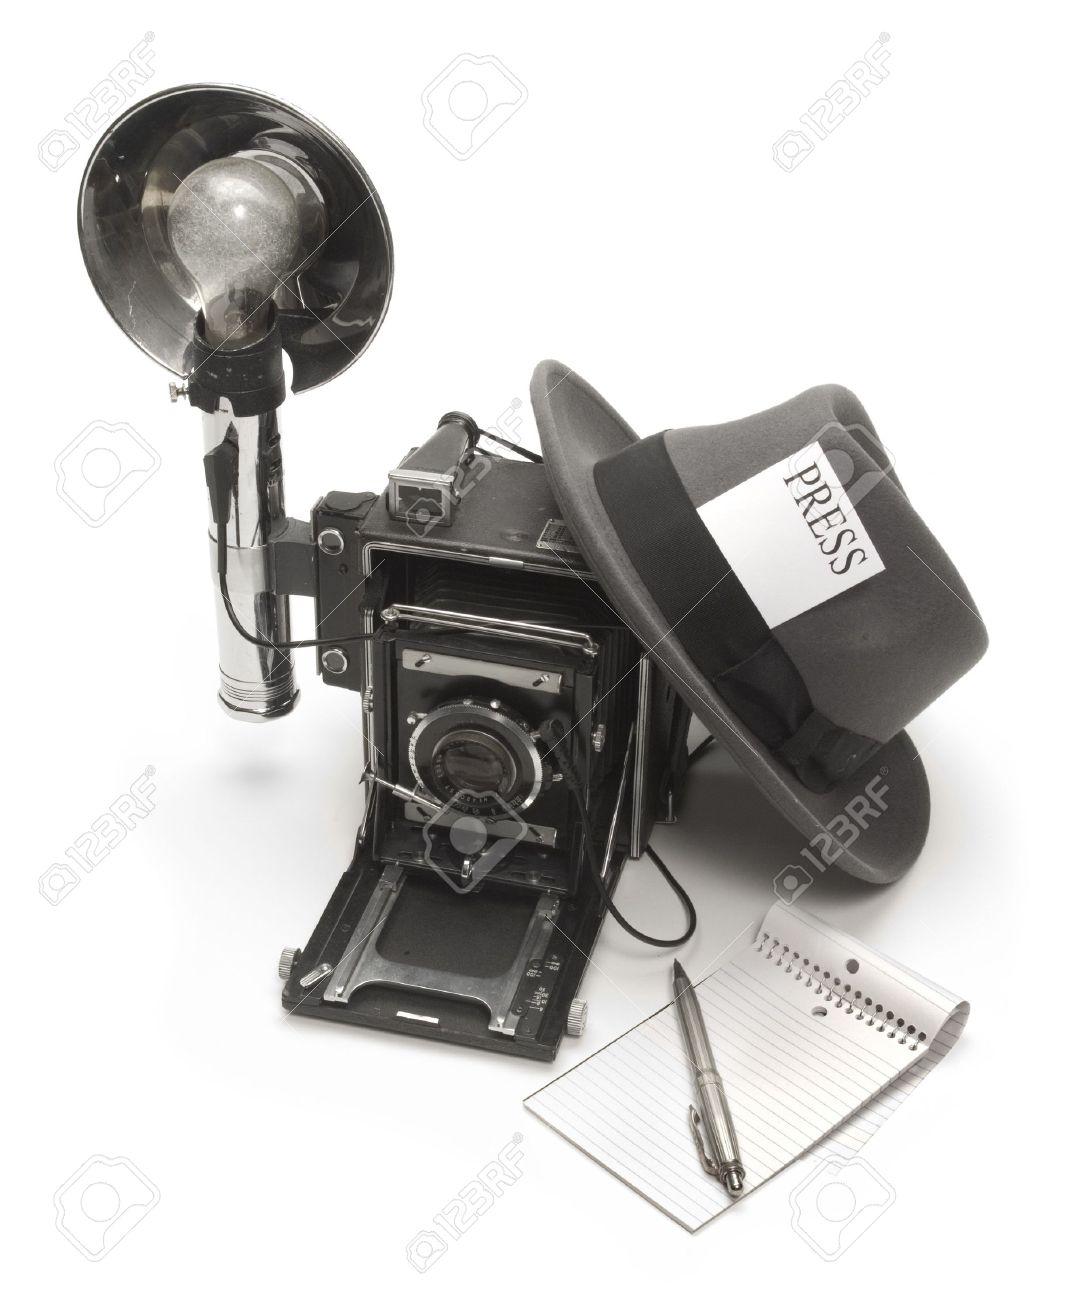 e9bf3f4ce98c5 Retro Photo Journalist Camera